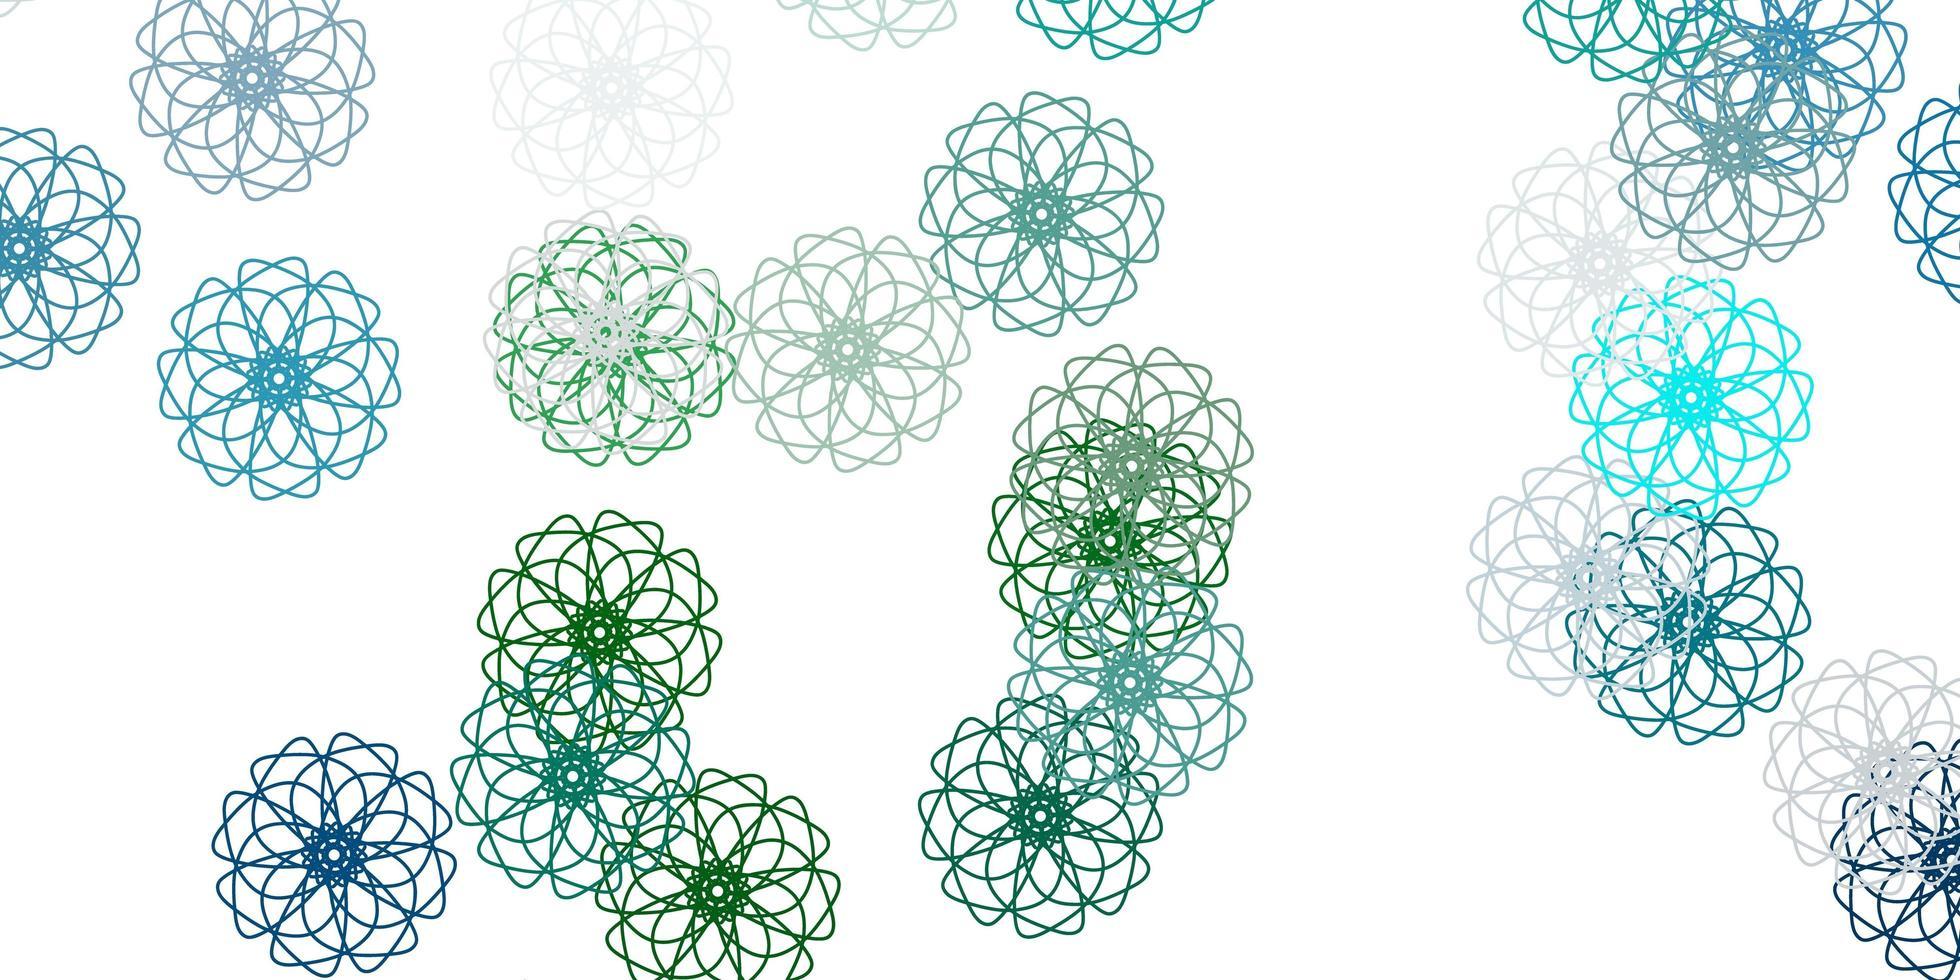 lichtblauw, groen vector doodle sjabloon met bloemen.